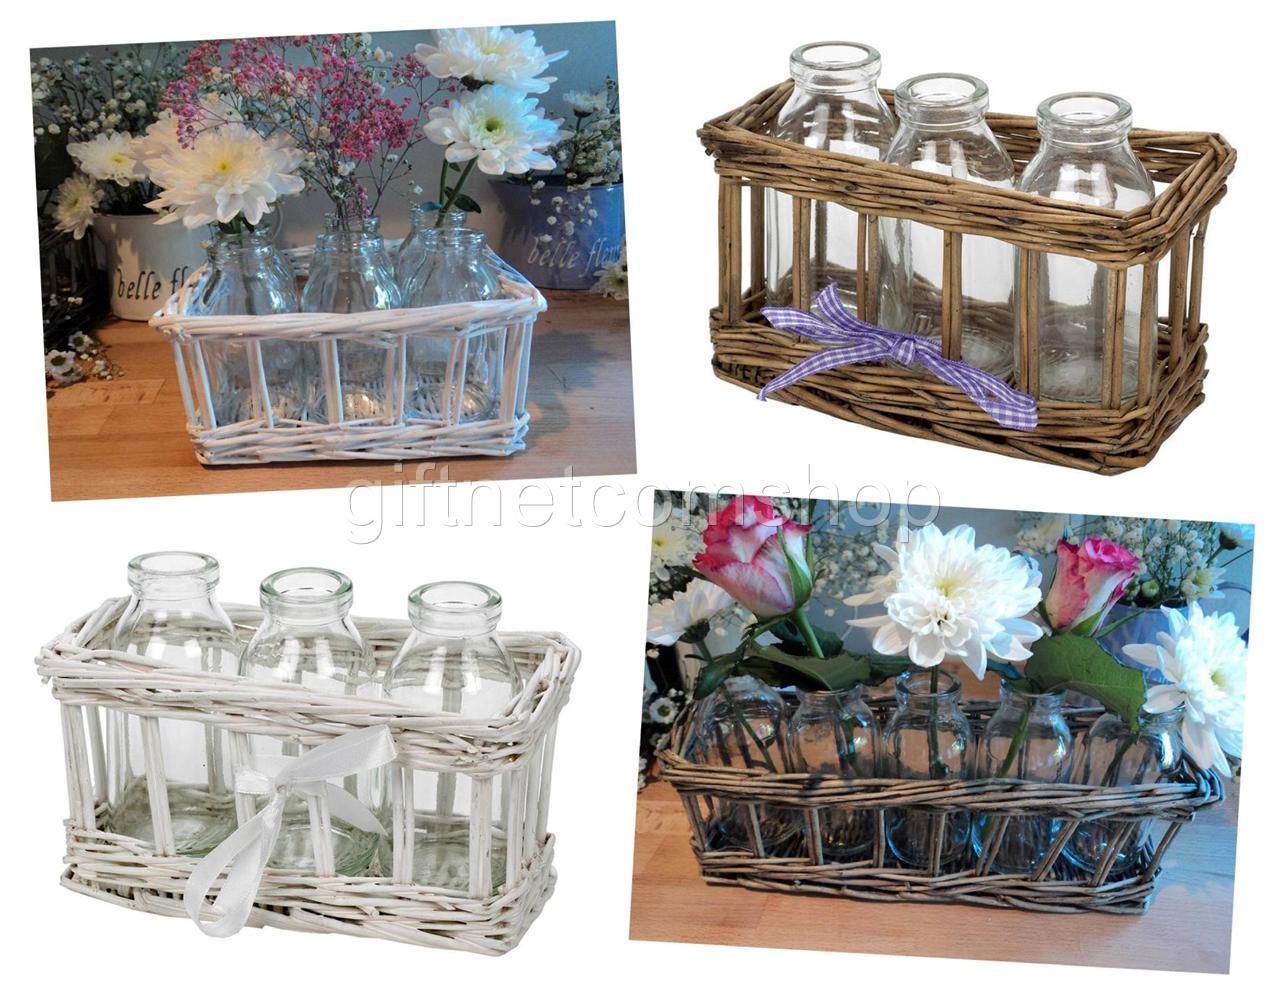 Mini milk bottles basket storage holder wedding table decoration image is loading mini milk bottles basket storage holder wedding table junglespirit Choice Image